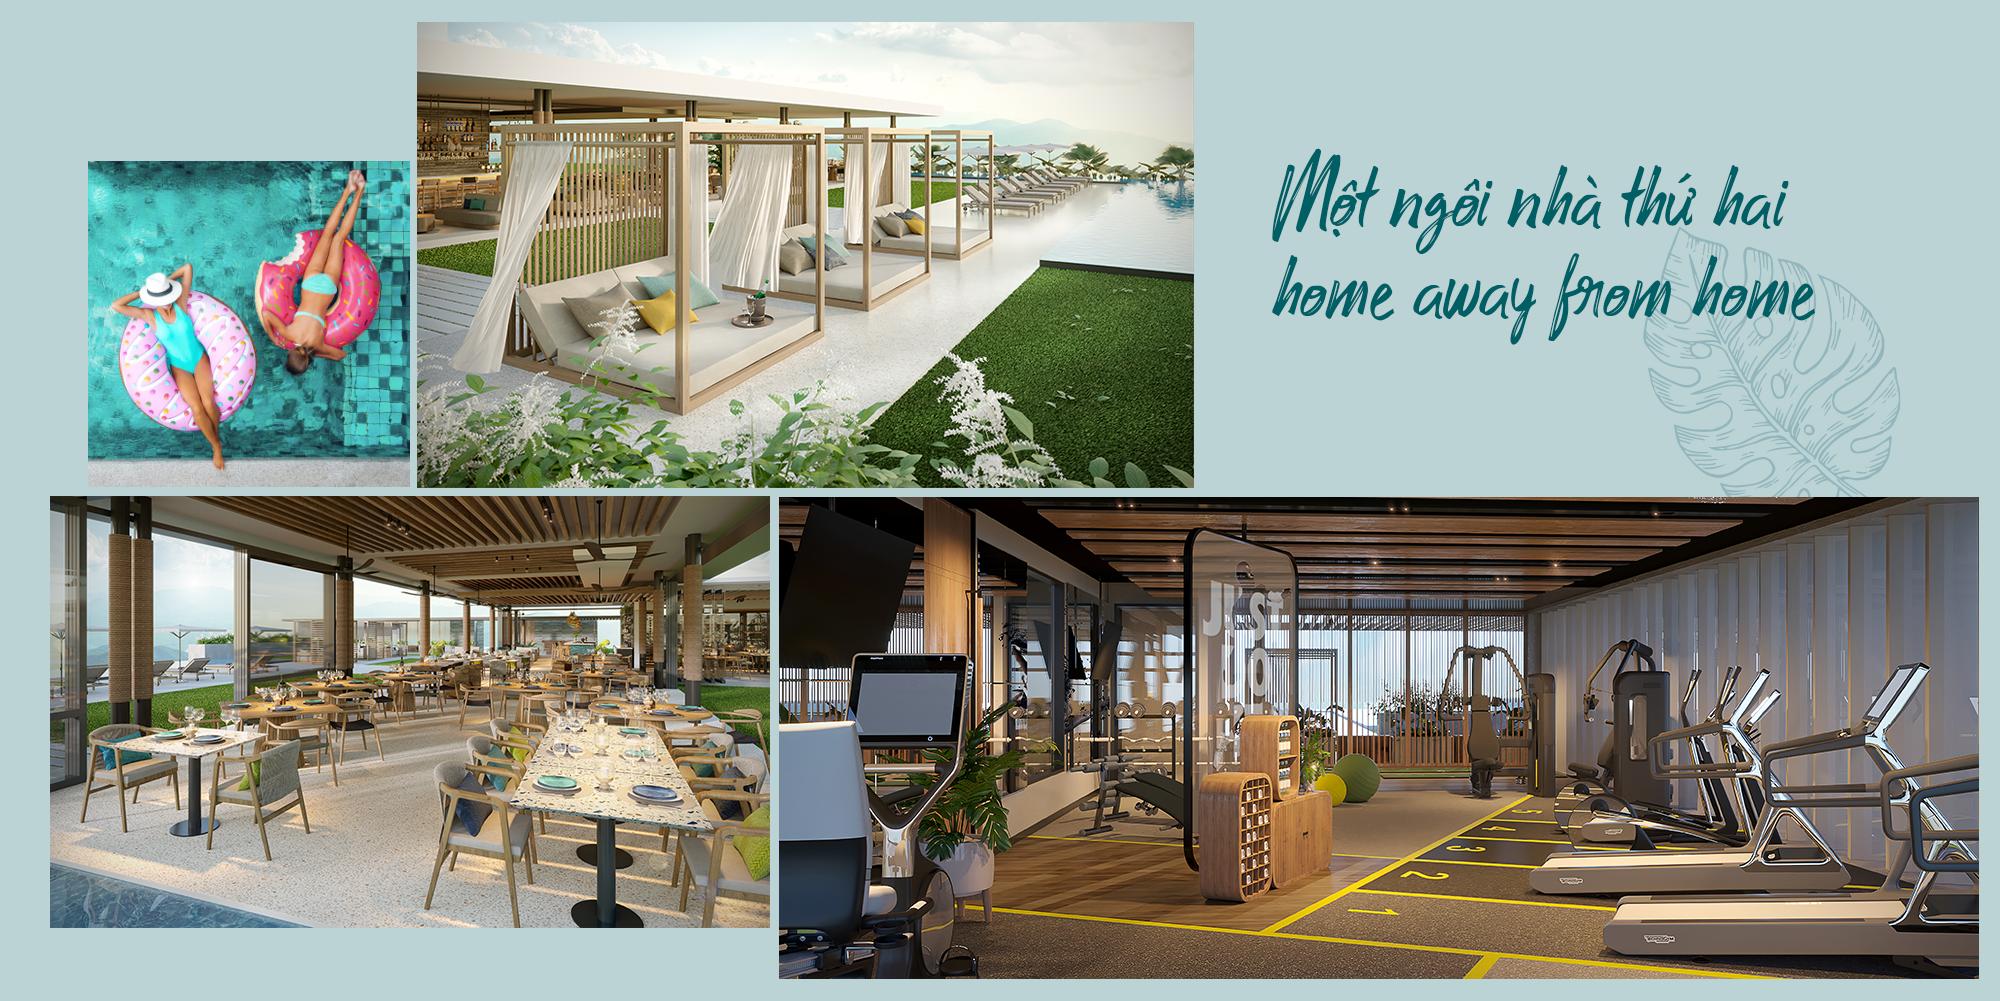 Hơi thở thiên nhiên trong những căn biệt thự của BIM Group trên đảo ngọc Phú Quốc - Ảnh 8.